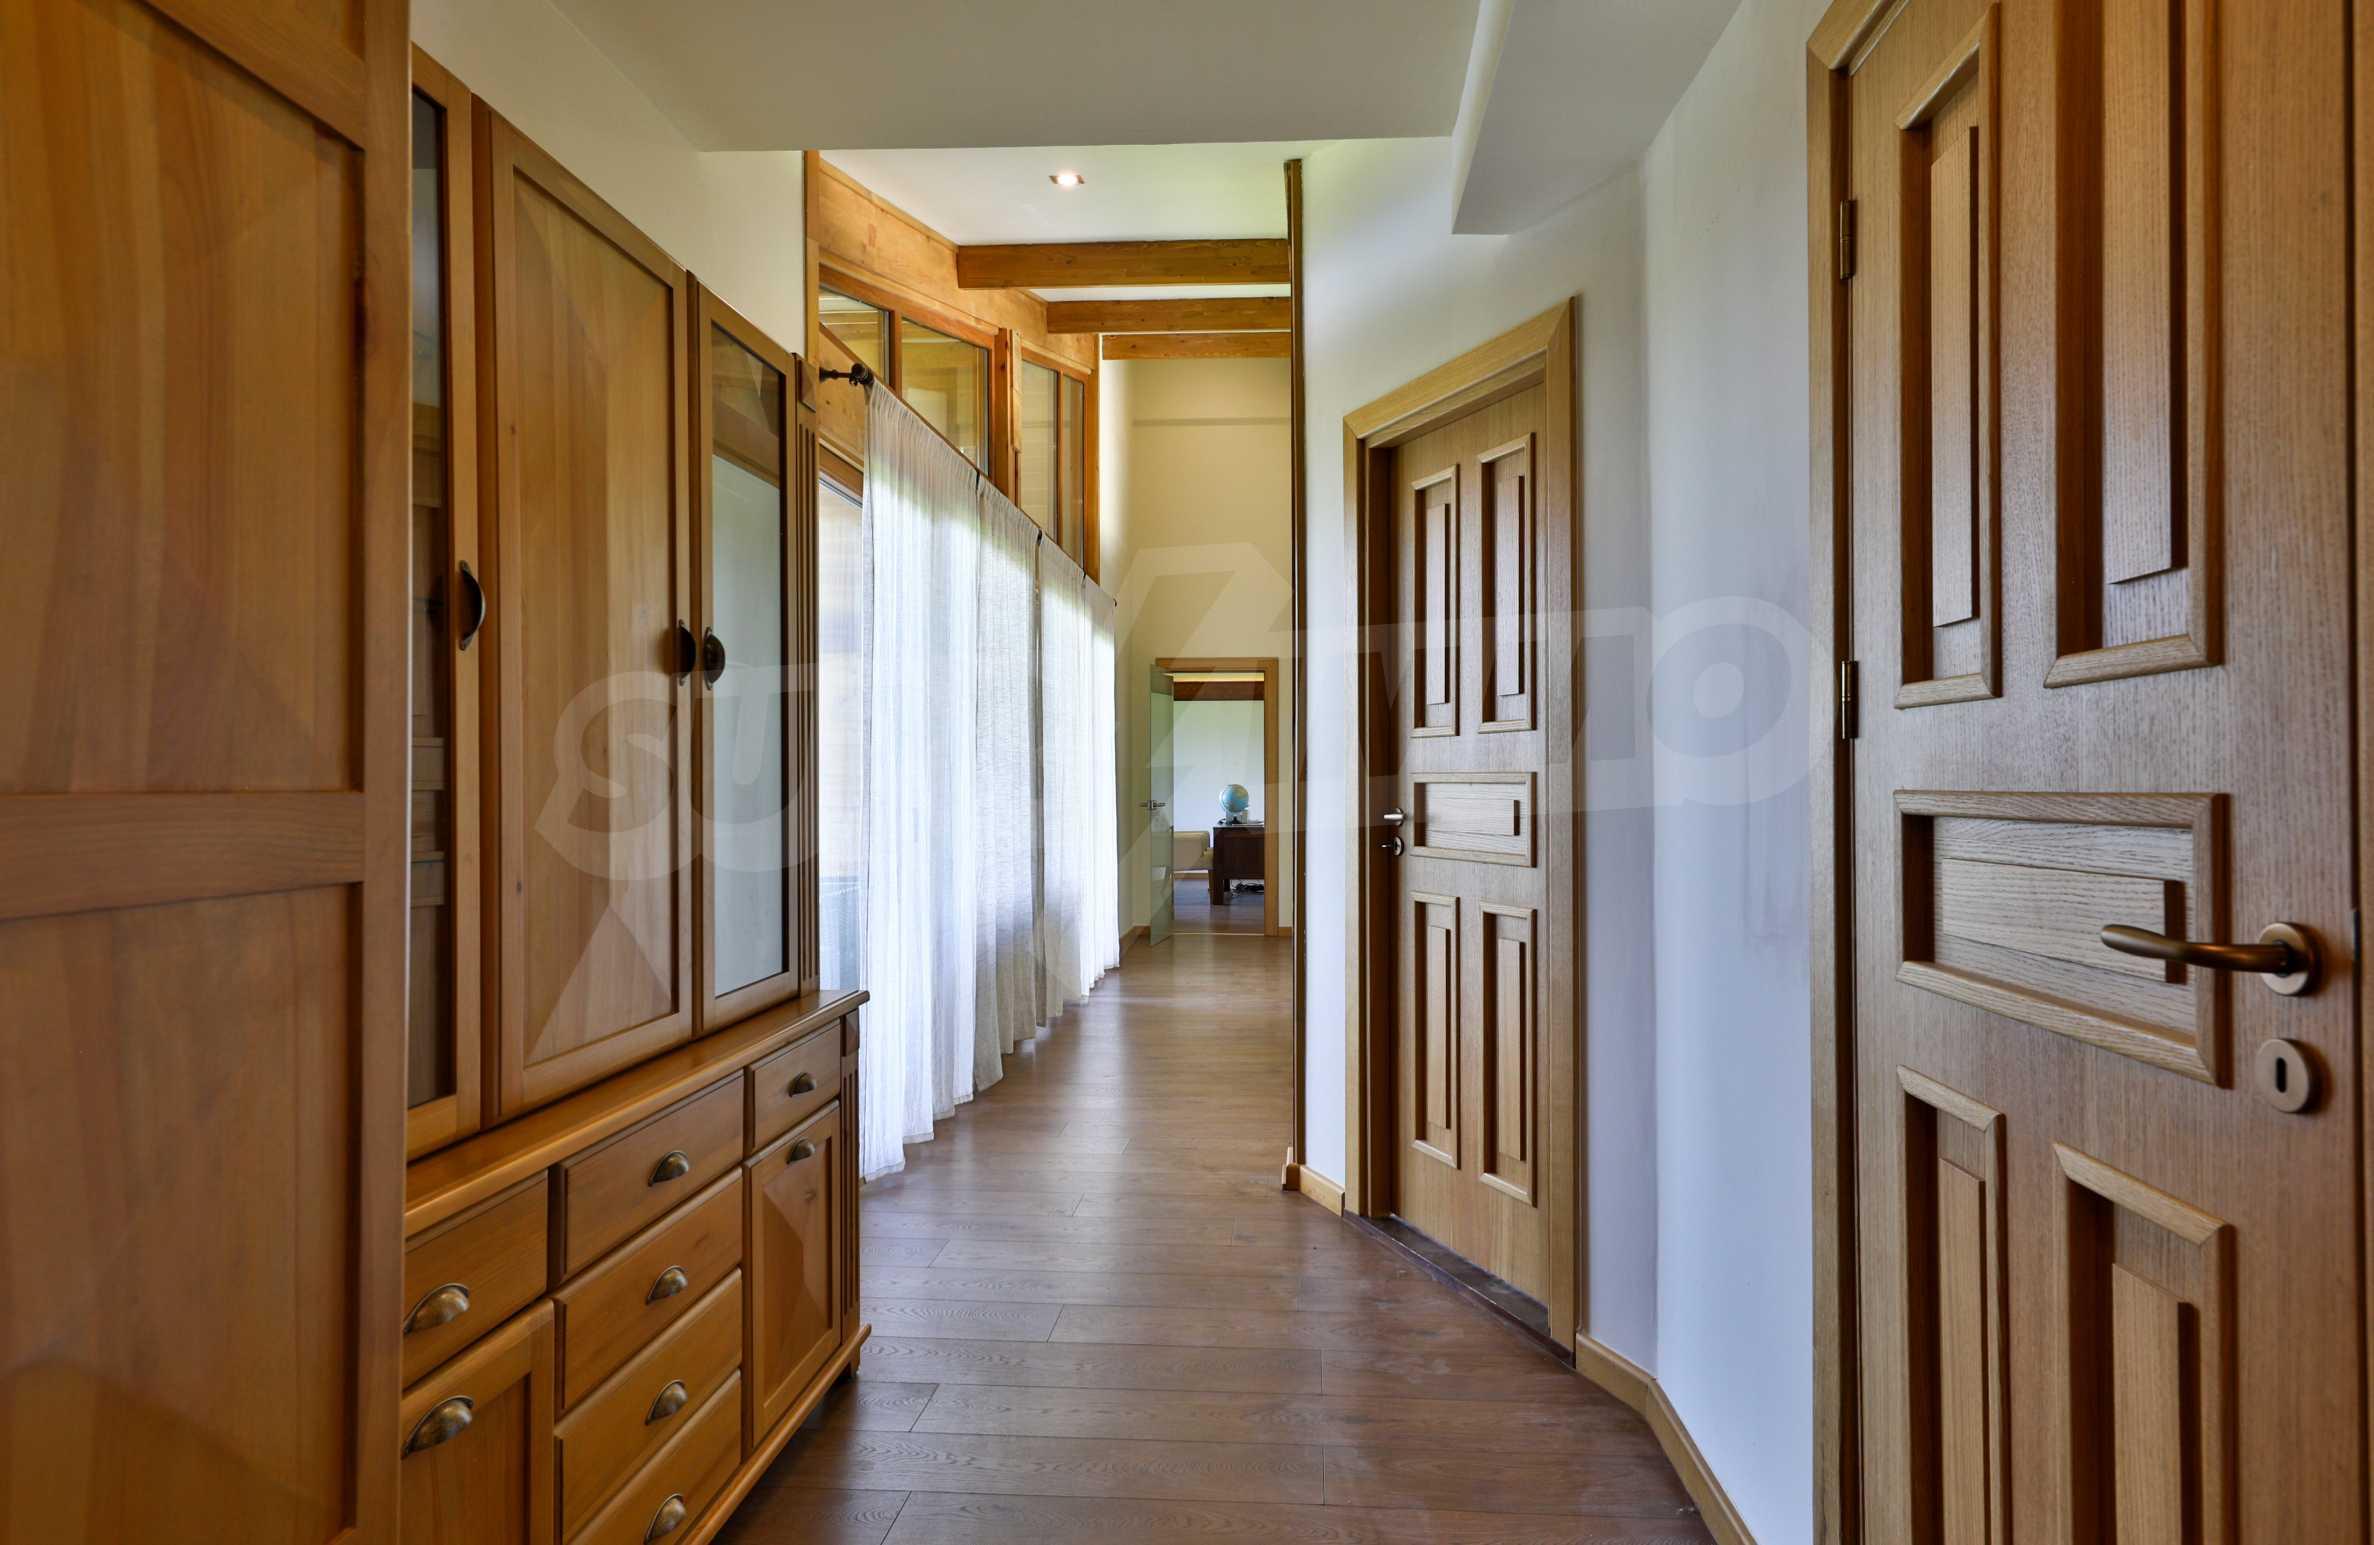 Луксозна вила под наем в  Pirin Golf & Country Club в сърцето на Пирин планина 33